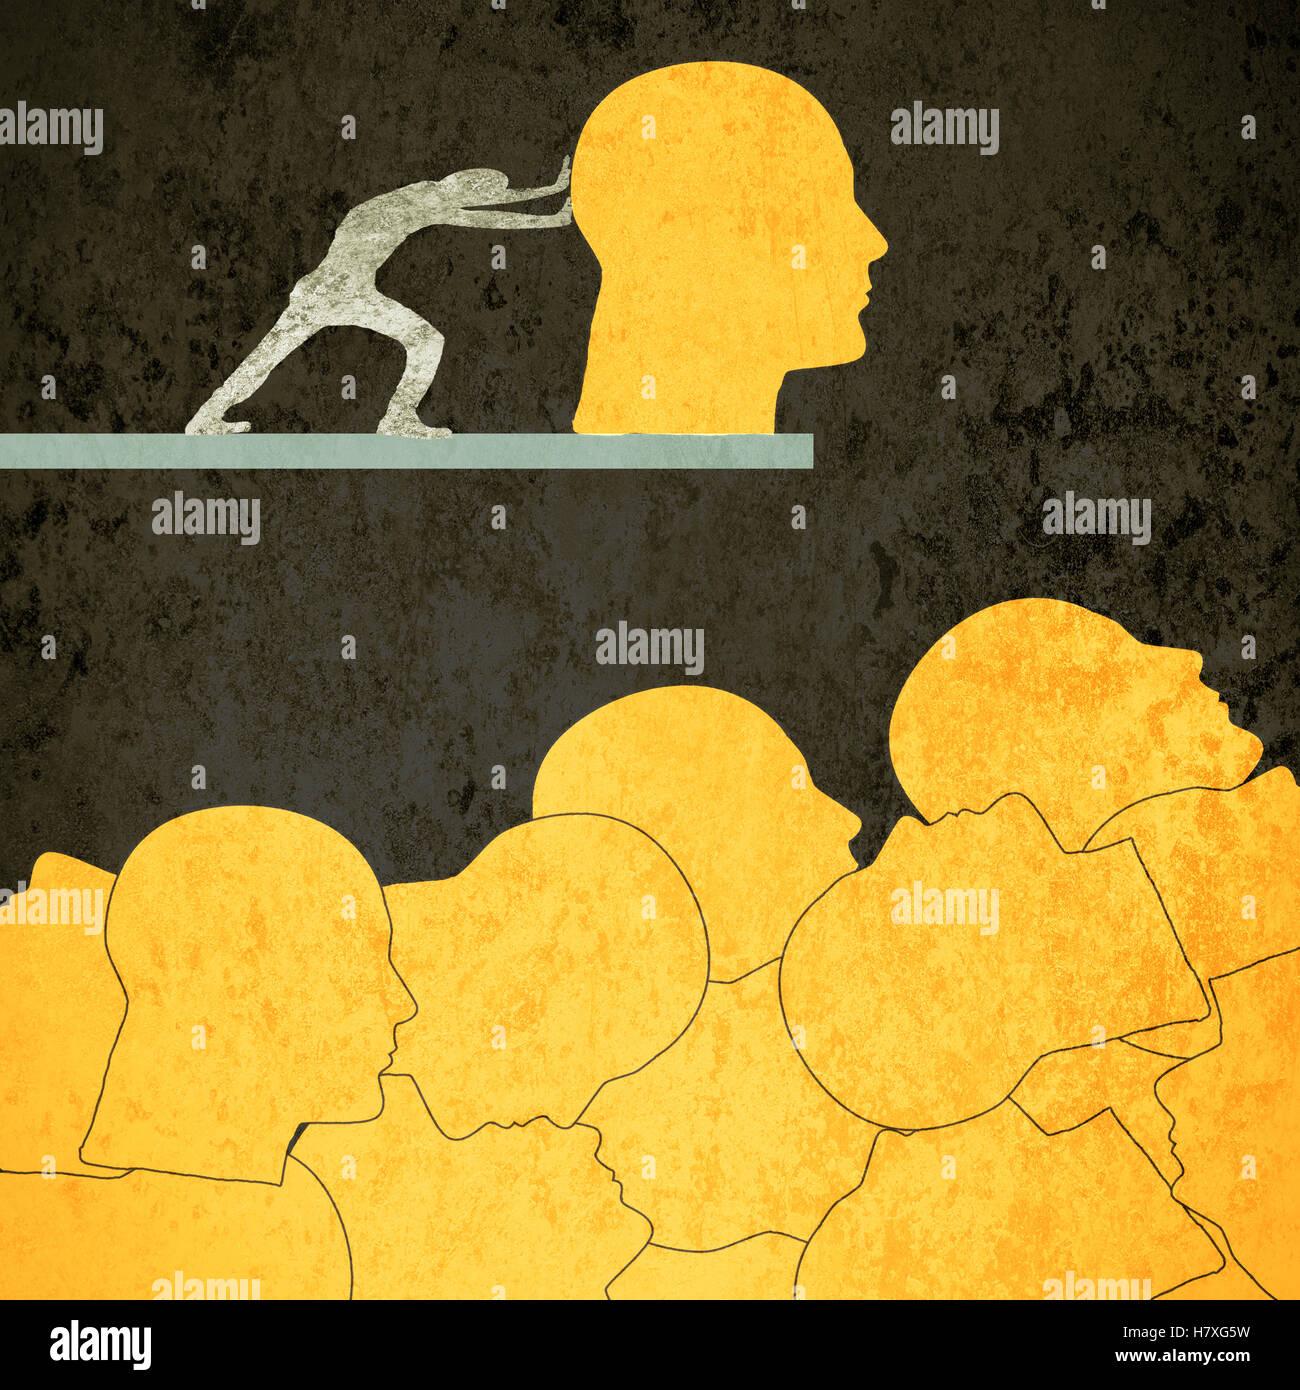 Arancione concettuale di teste umane illustrazione digitale Immagini Stock